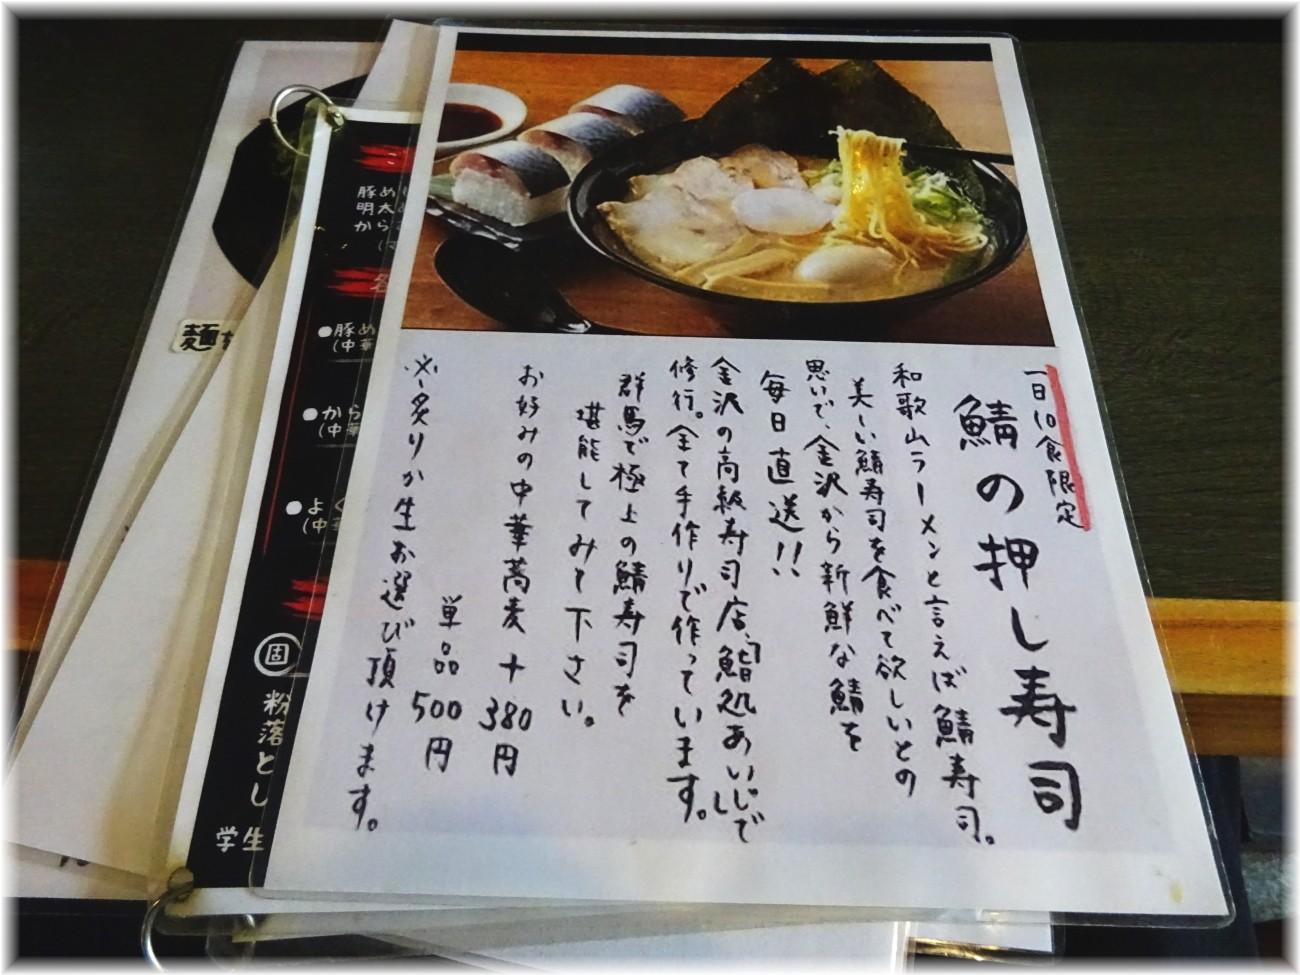 はたお商店 鯖寿司のメニュー